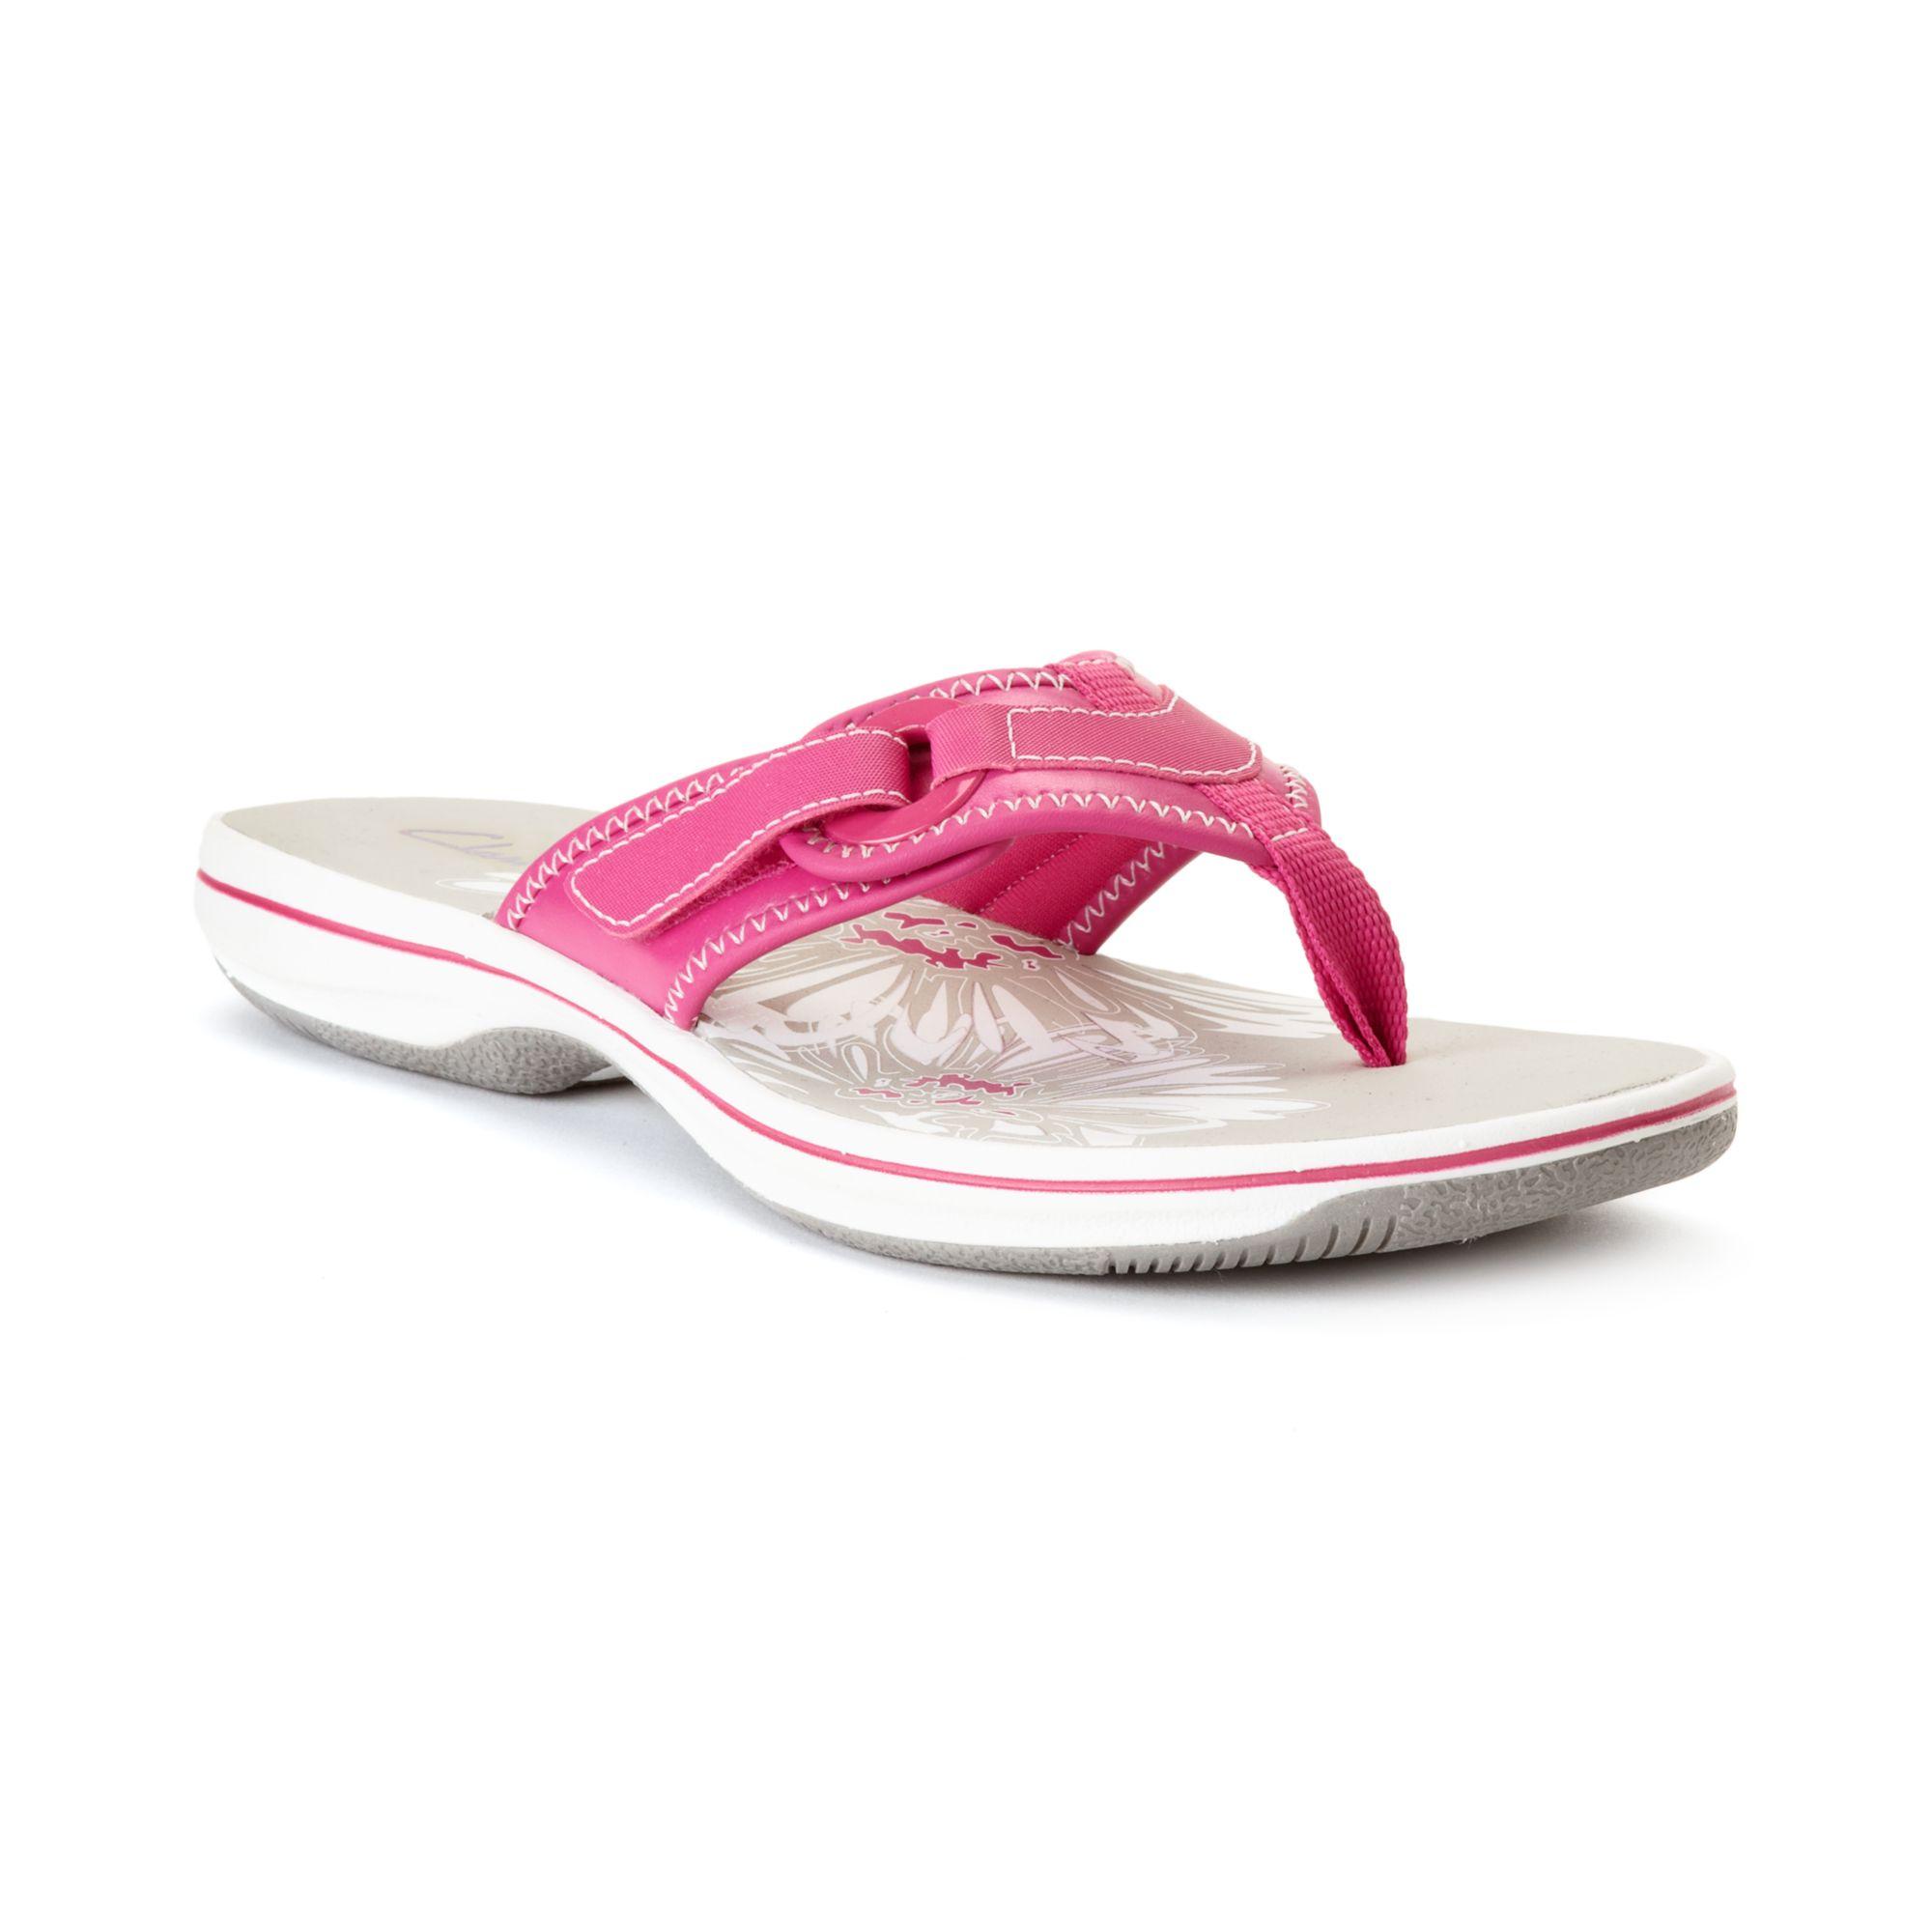 Lyst Clarks Womens Shoes Breeze Mila Flip Flops In Pink